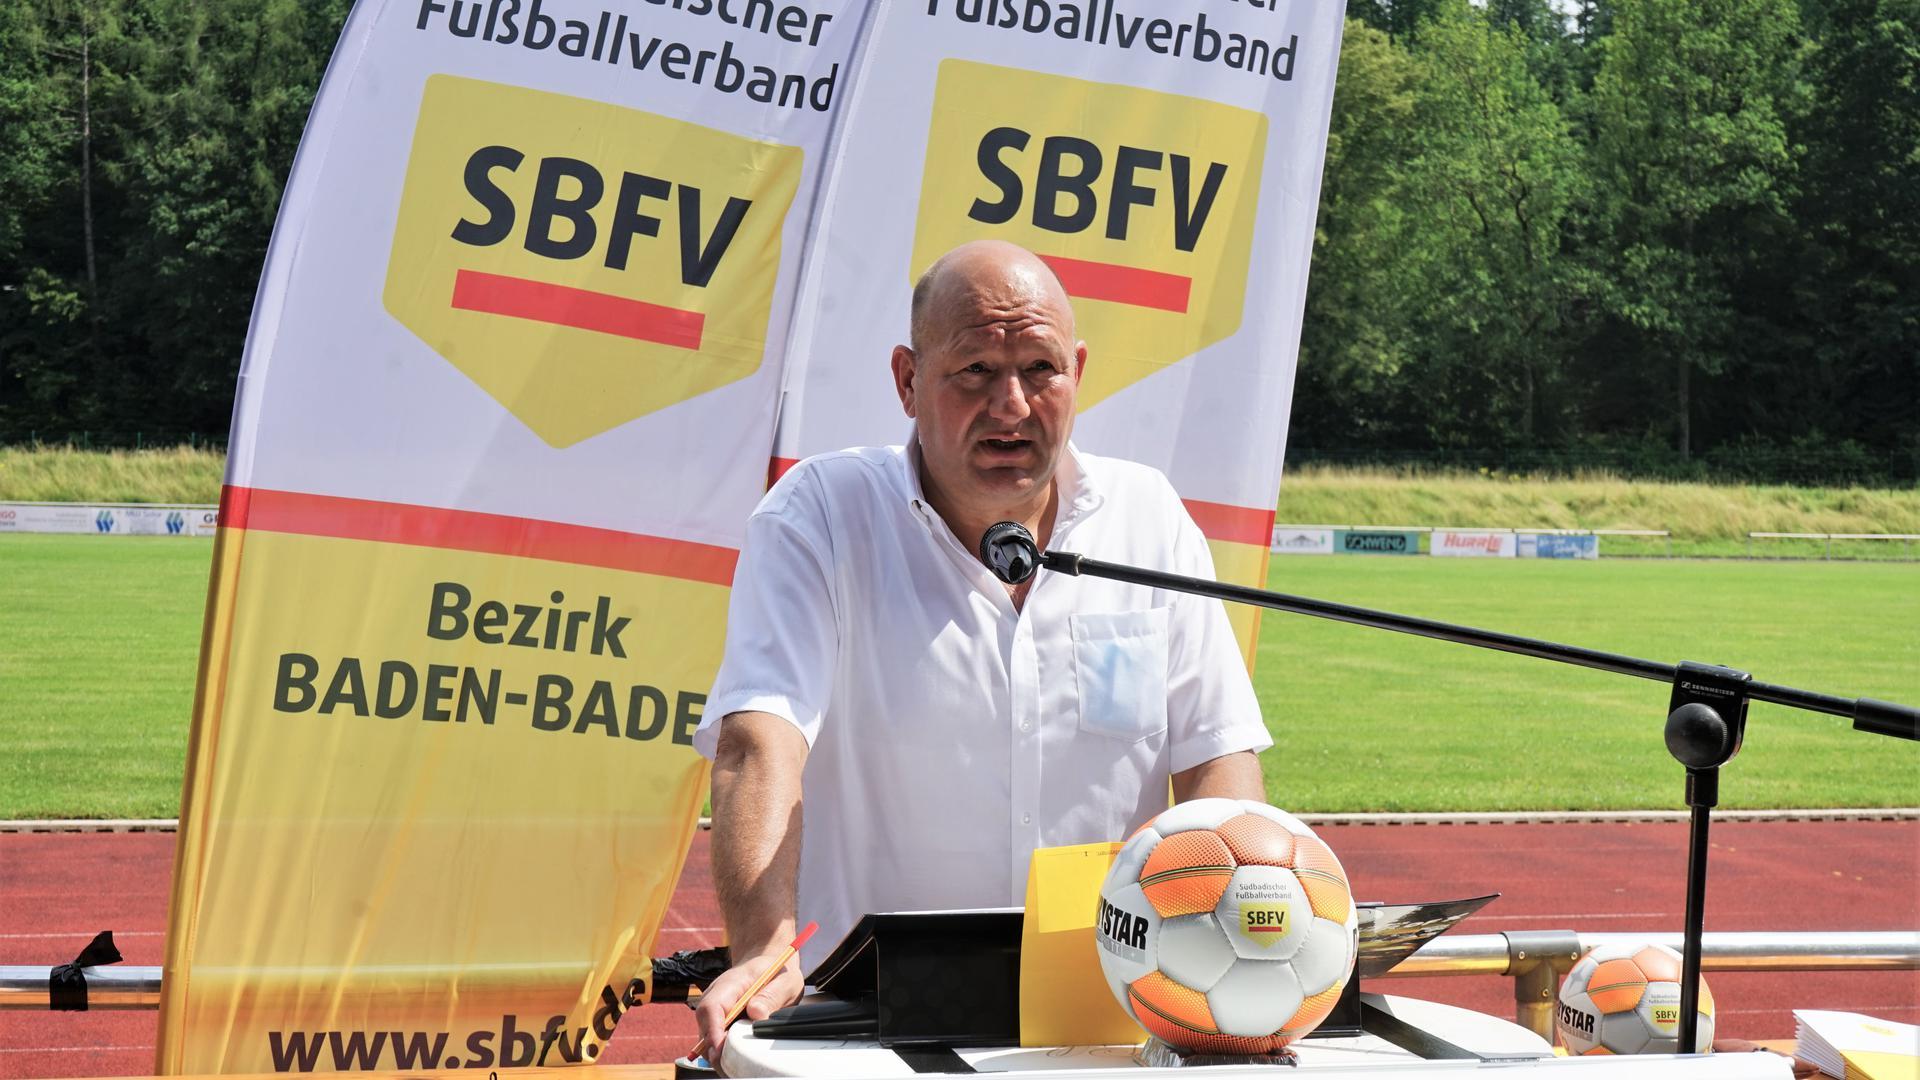 Vito Voncina, Vorsitzender des Fußballbezirks Baden-Baden